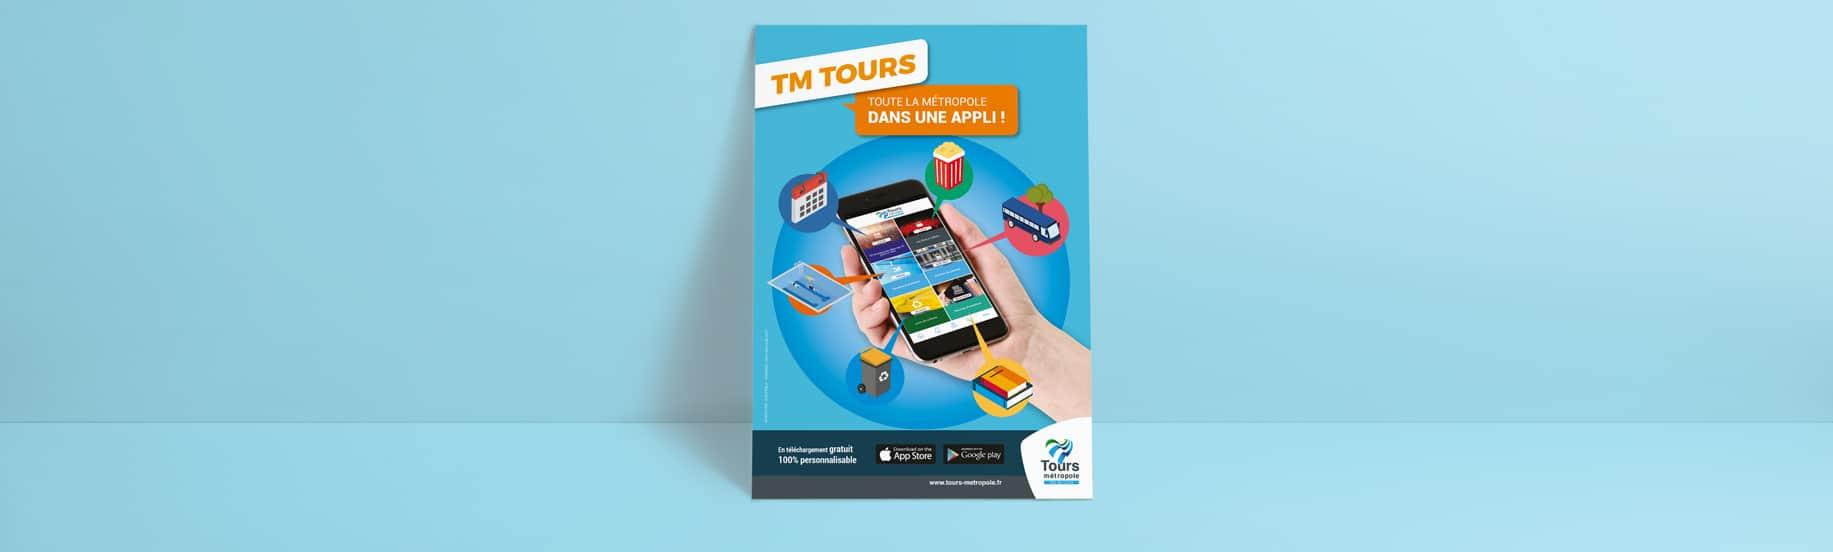 Affiche de la campagne TM Tours